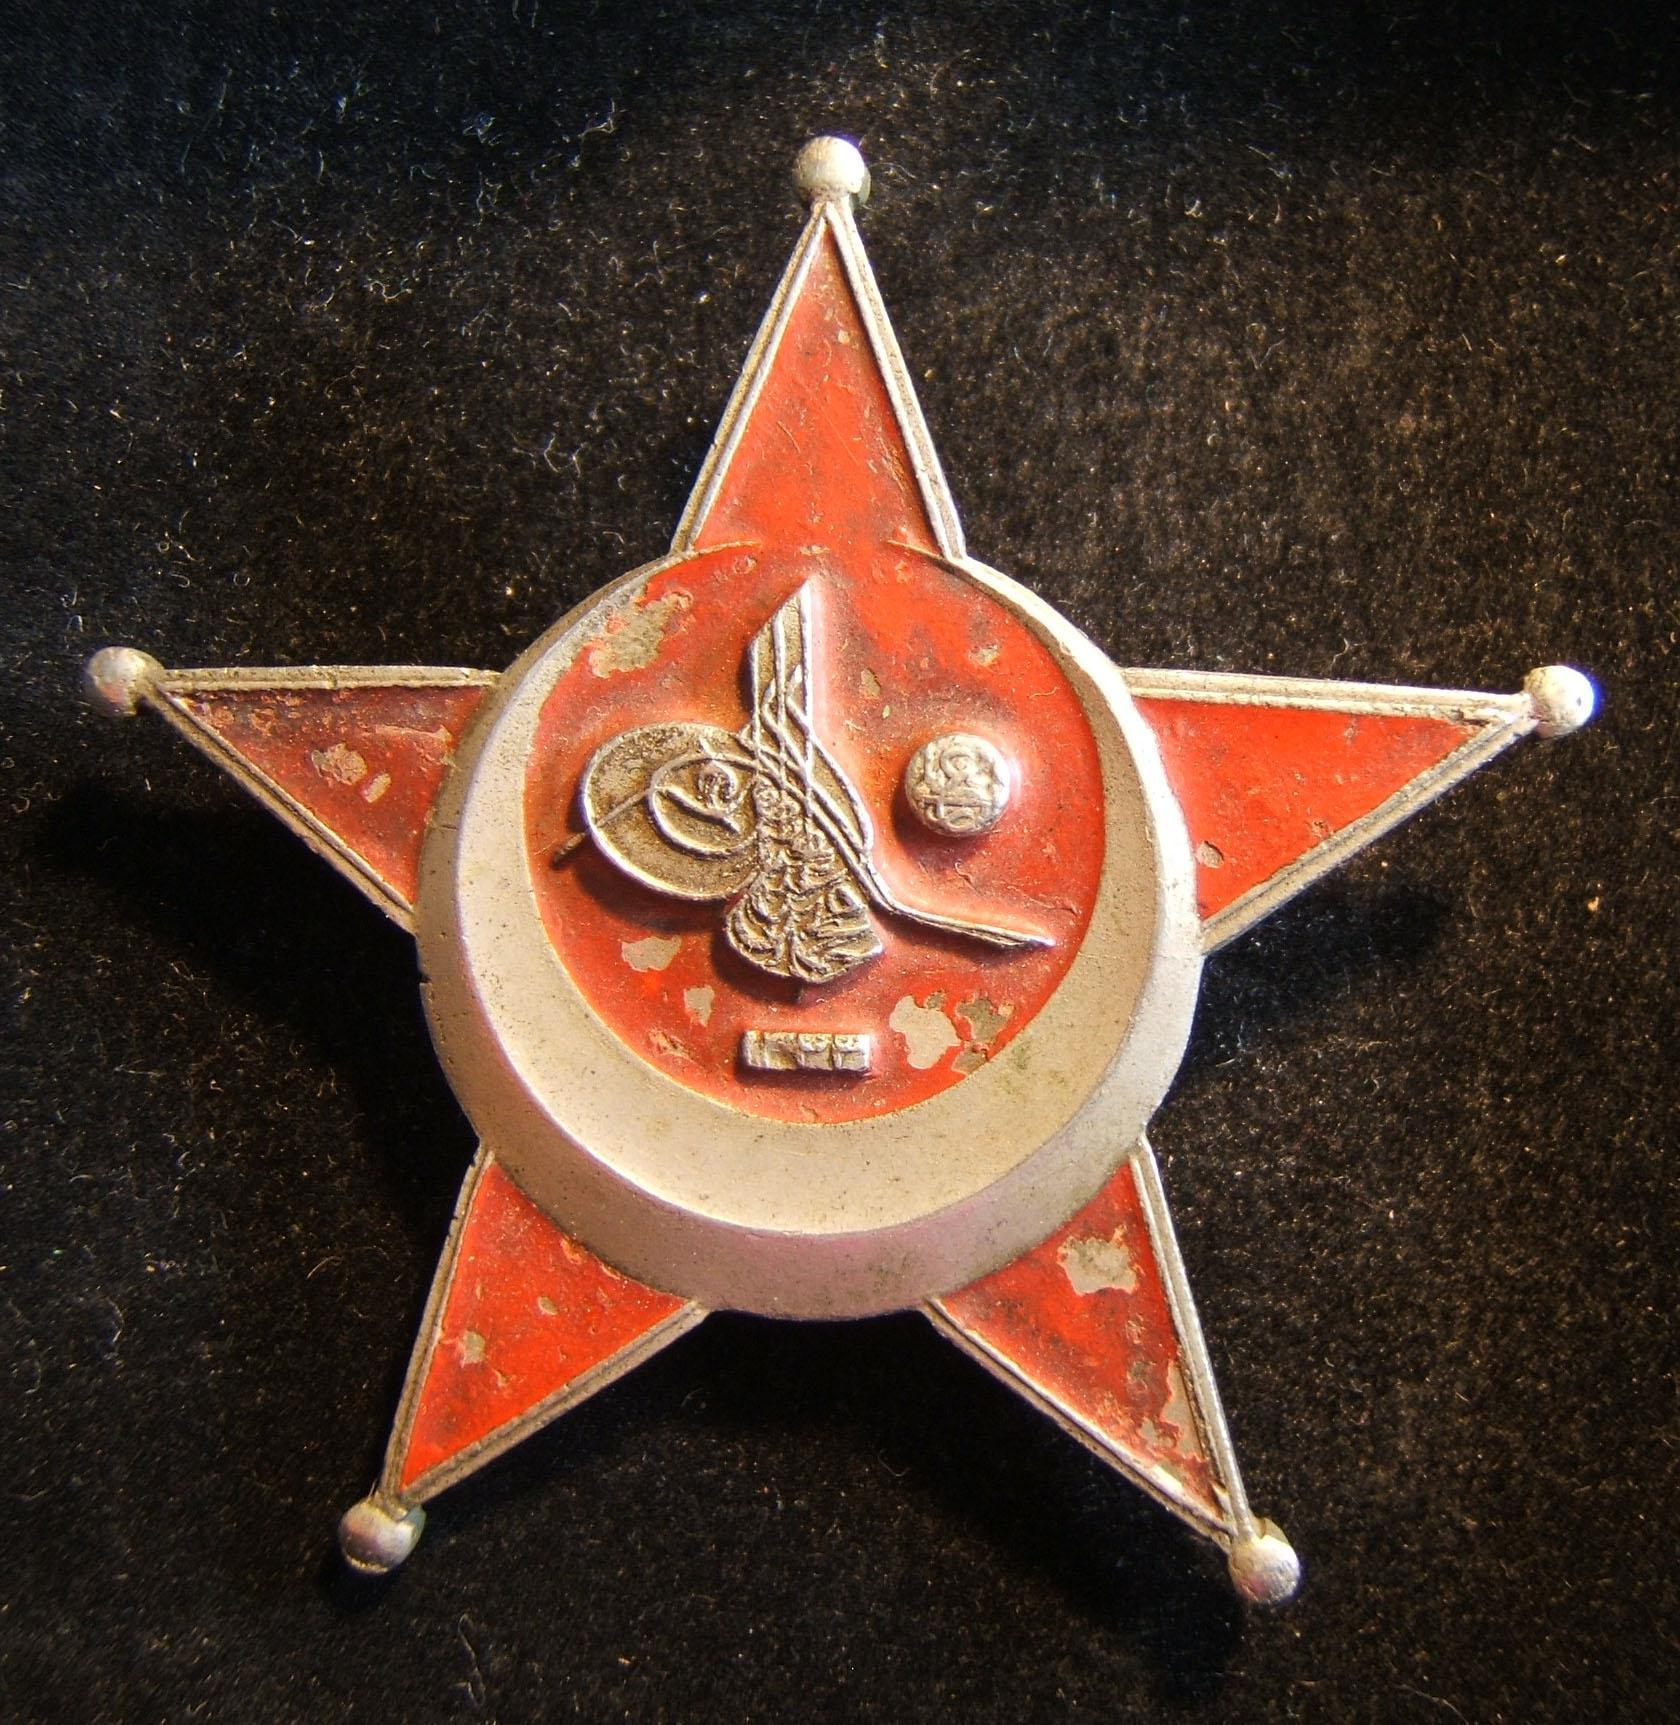 Türkei: Osmanische Kriegsmedaille/Gallipoli Stern/Eisen Mondsichel (Türkisch: 'Harfe Madalyası') Erster Weltkrieg Dekoration; türkische Herstellung, kein Hersteller gekennzeichnet;